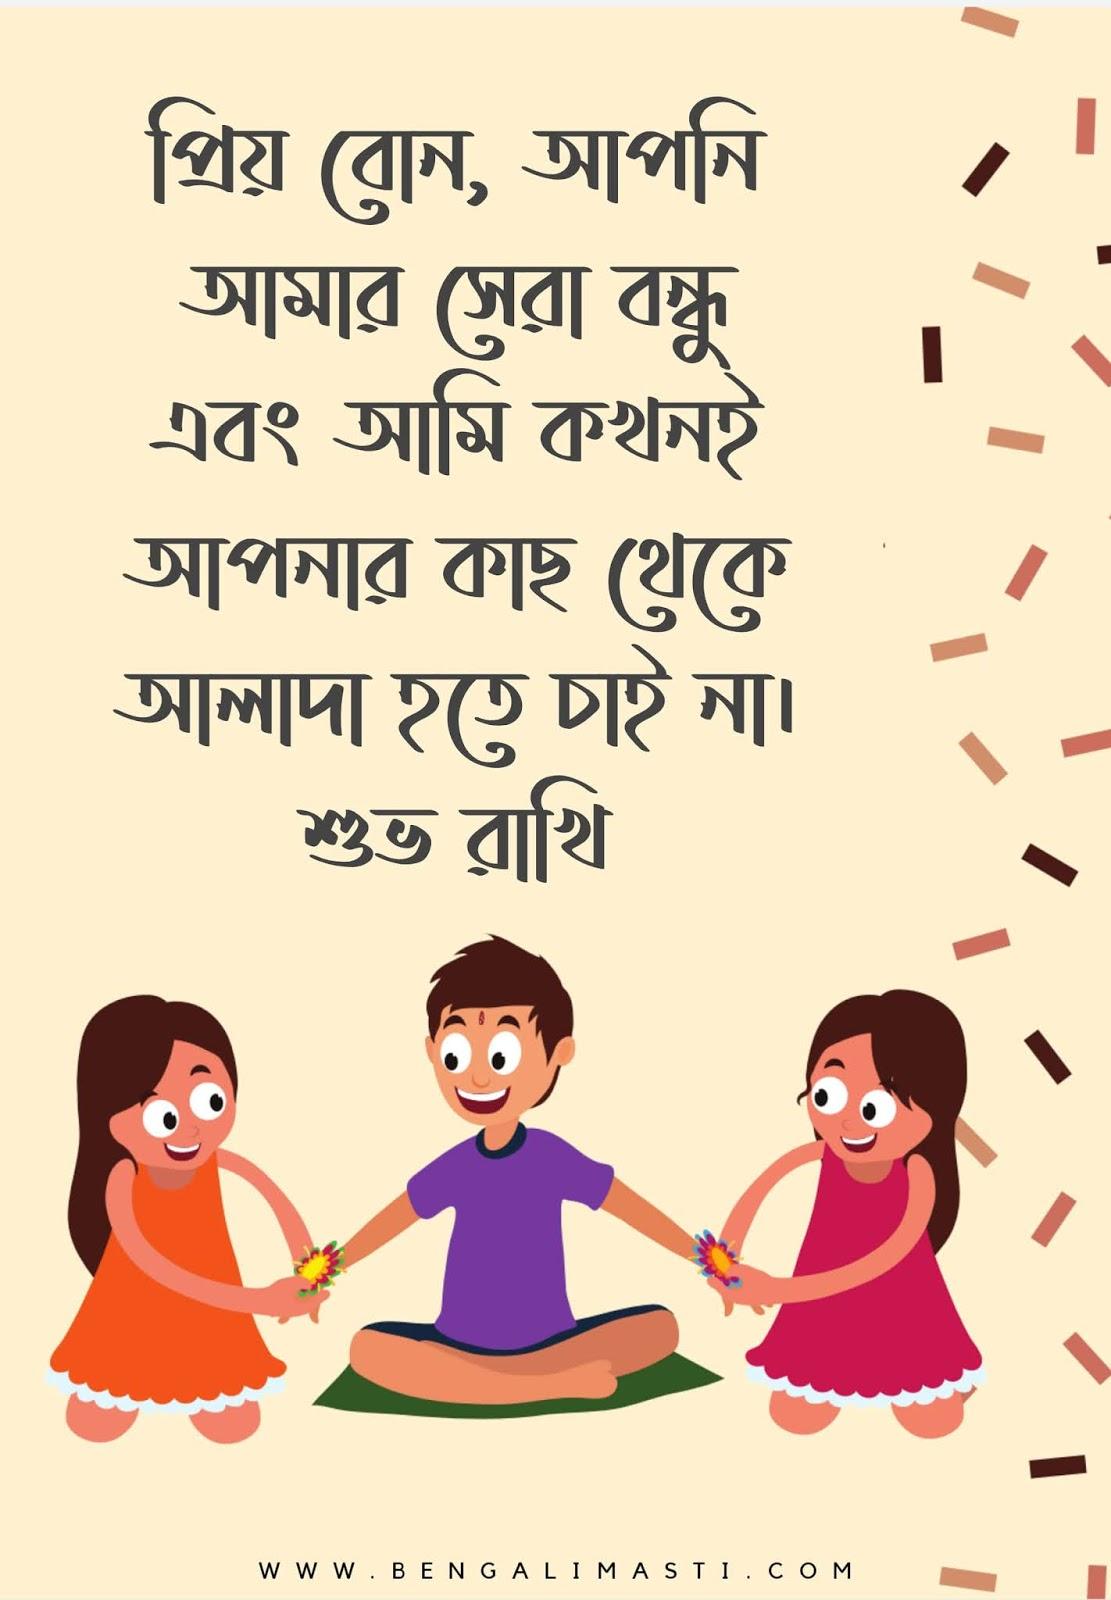 Raksha Bandhan Quotes, Wish, Status, SMS in bengali